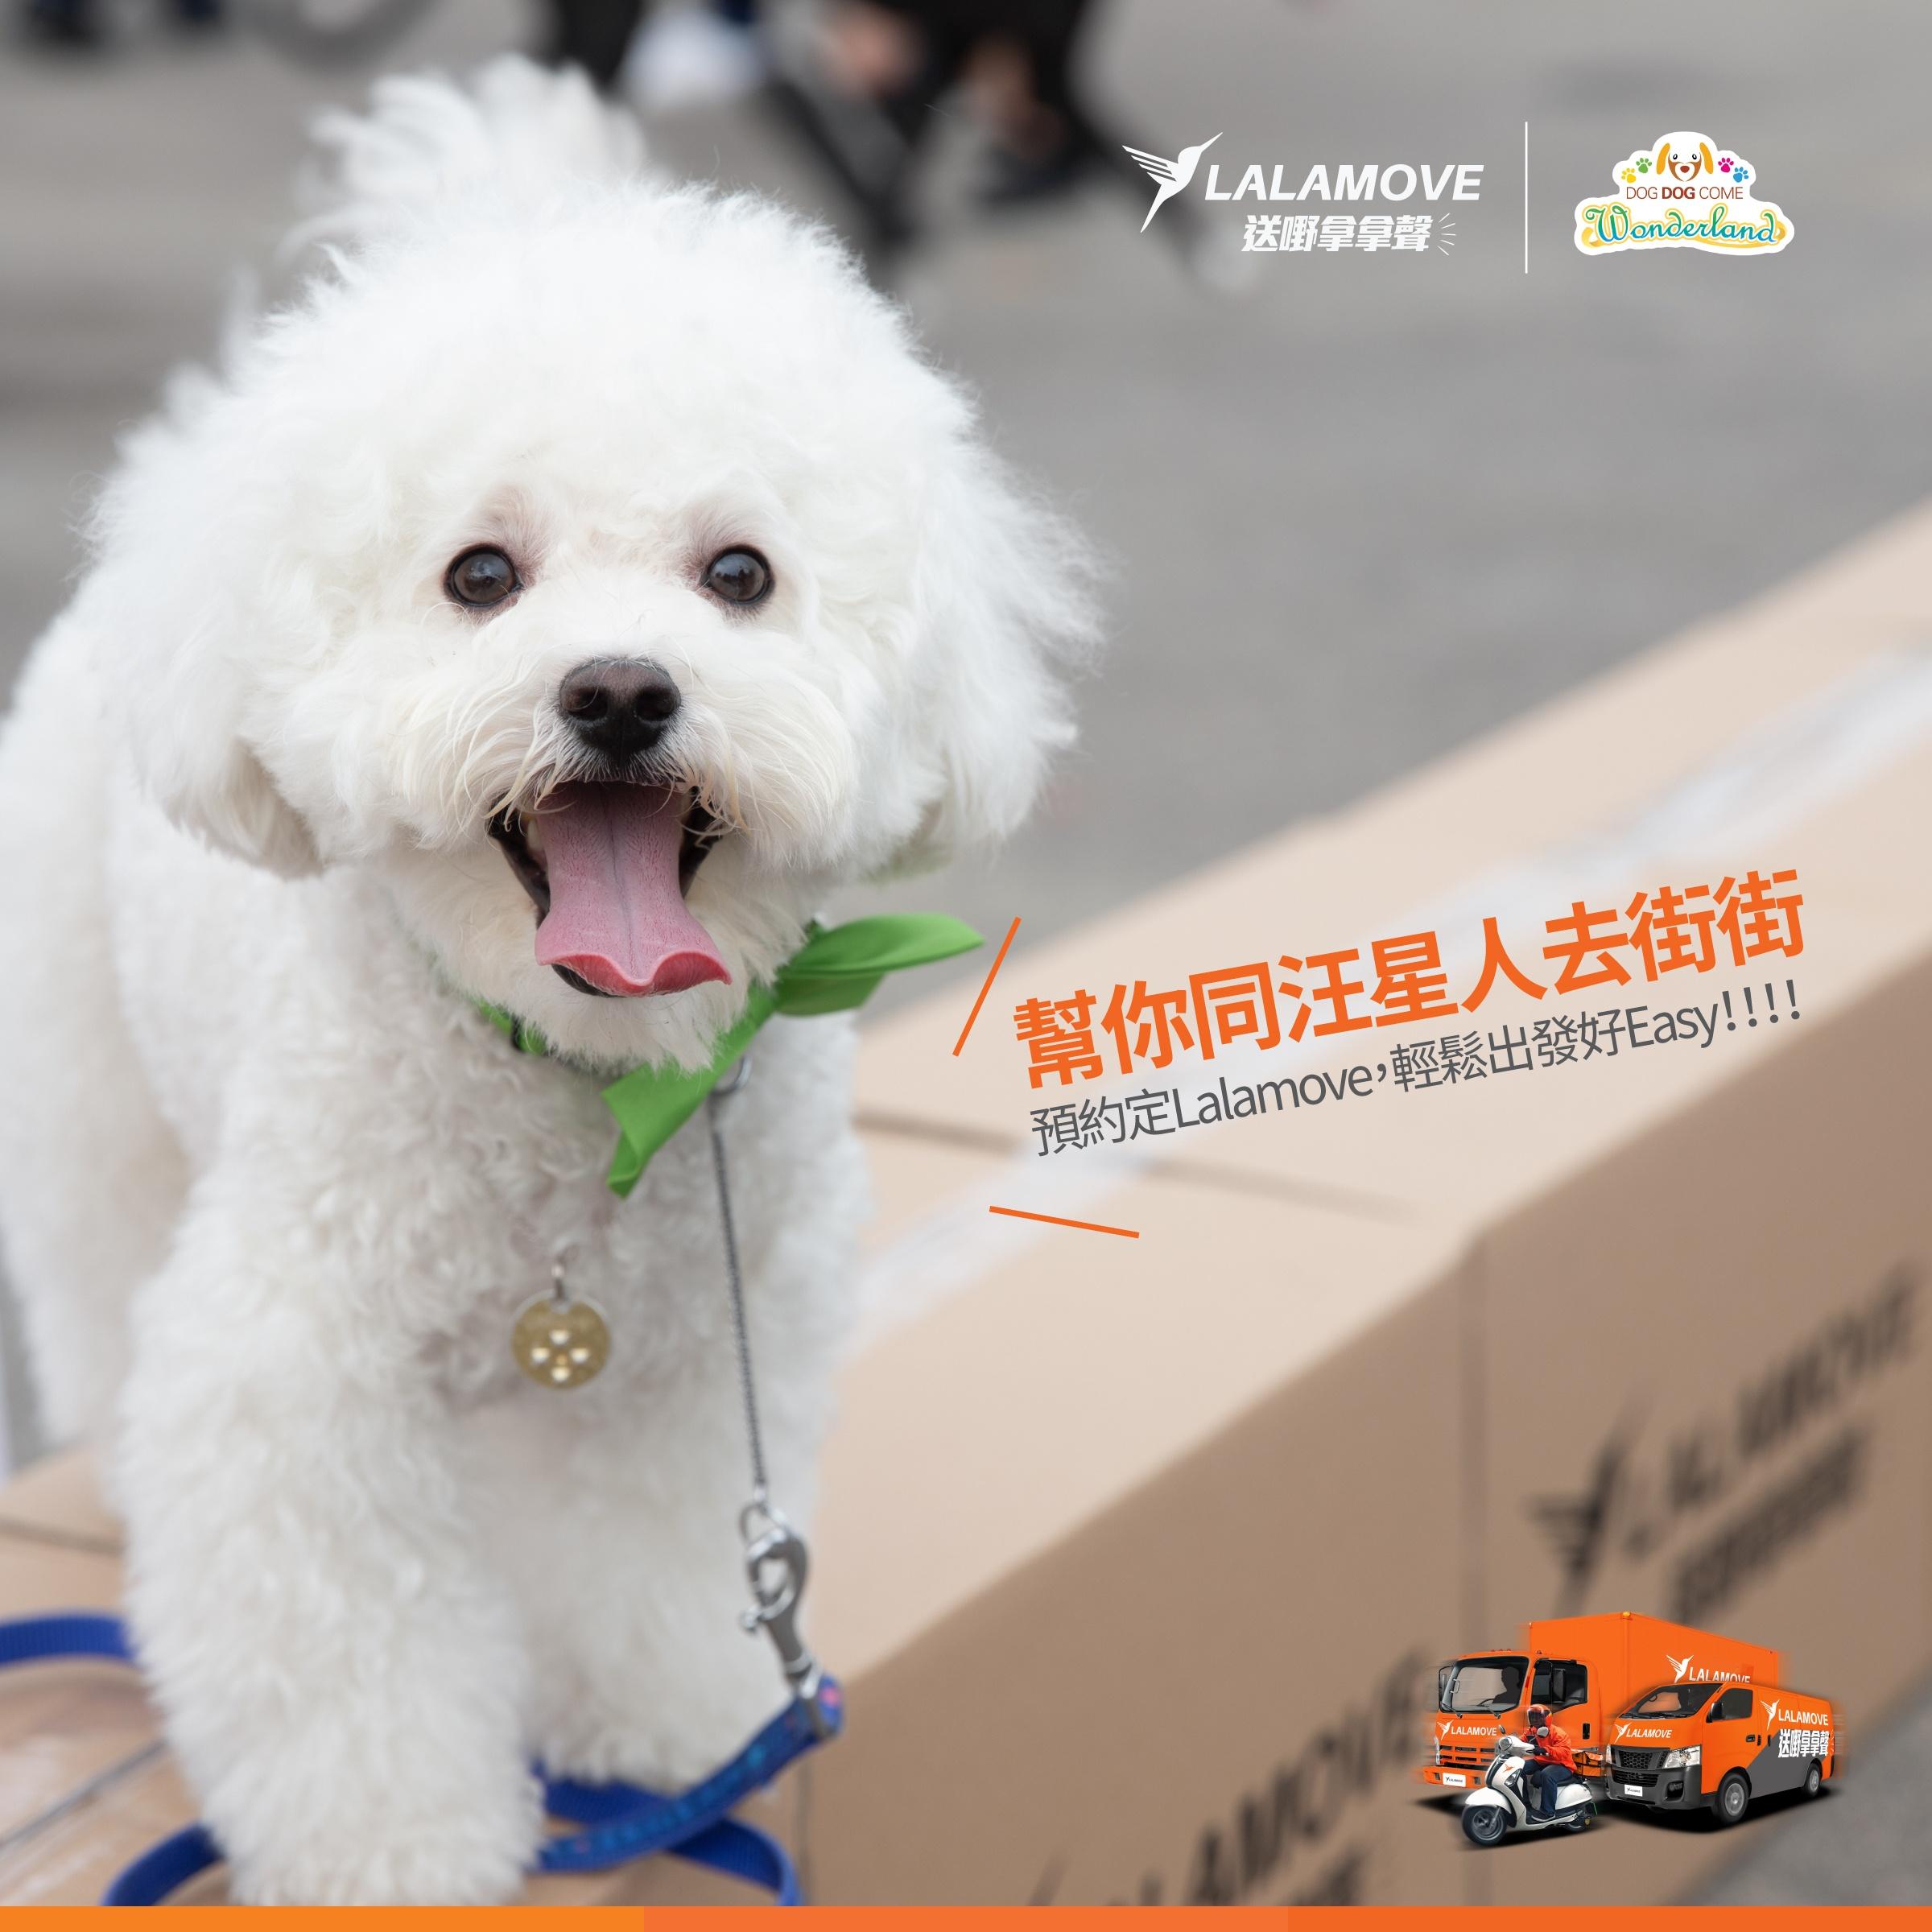 HK_fb_ad_DDC_20180507-01